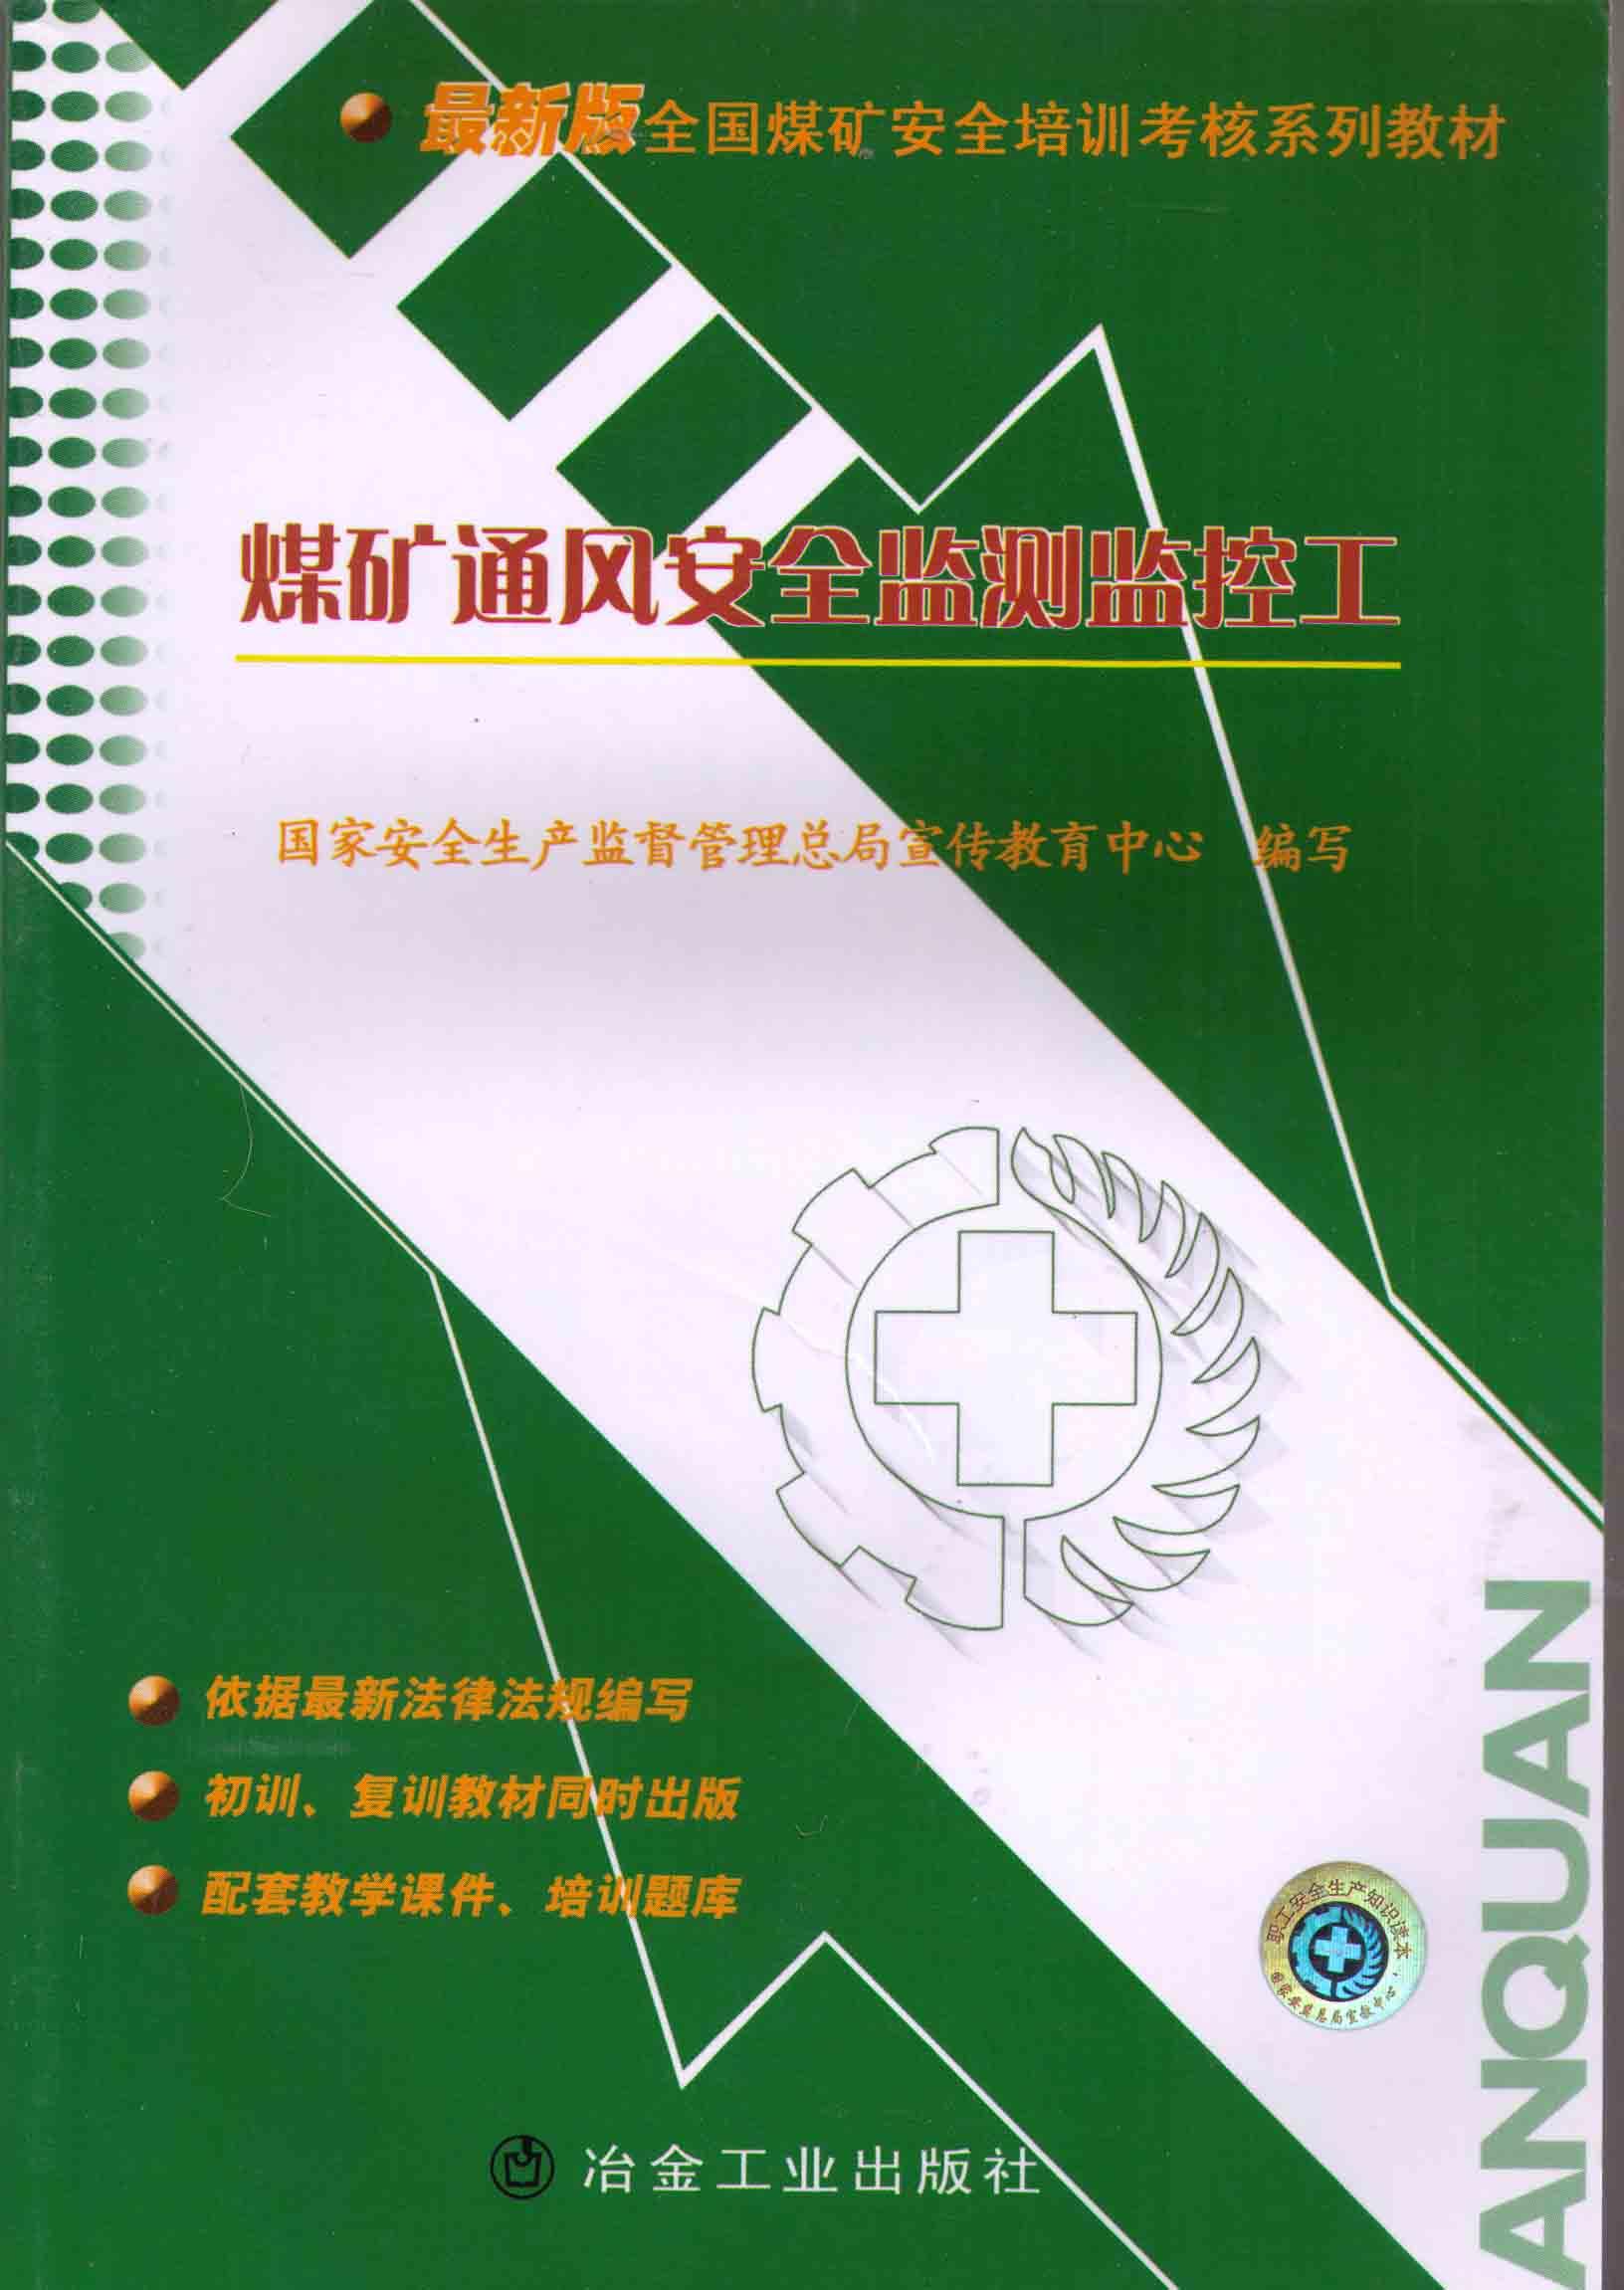 煤矿腾博会监测监控作业操作资格培训考核教材